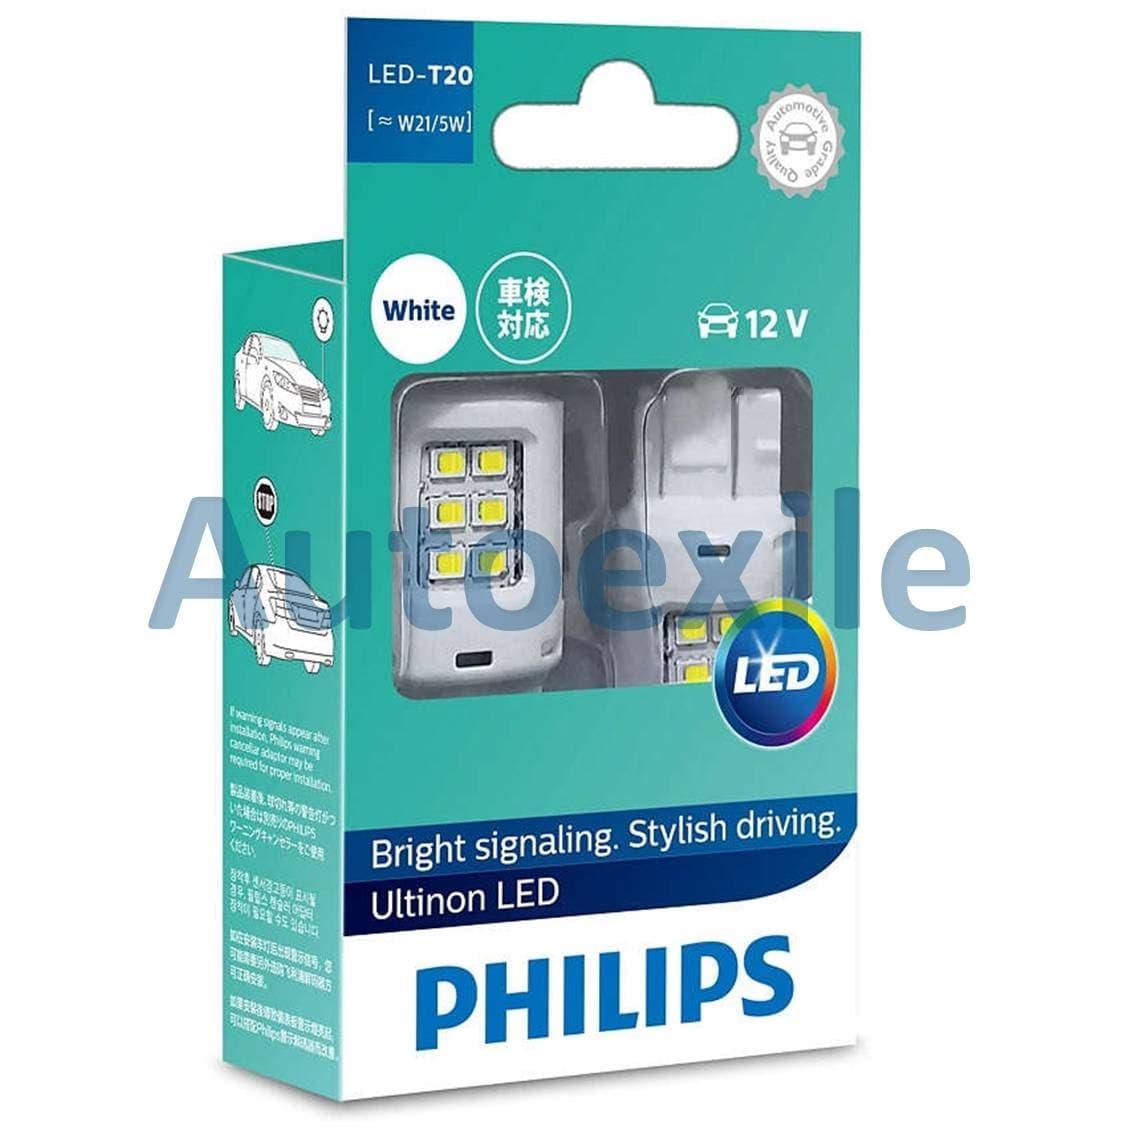 Philips Ultinon LED T20 W21/5W T20D 12V Cahaya Putih Untuk Lampu Rem Mika Merah Mobil